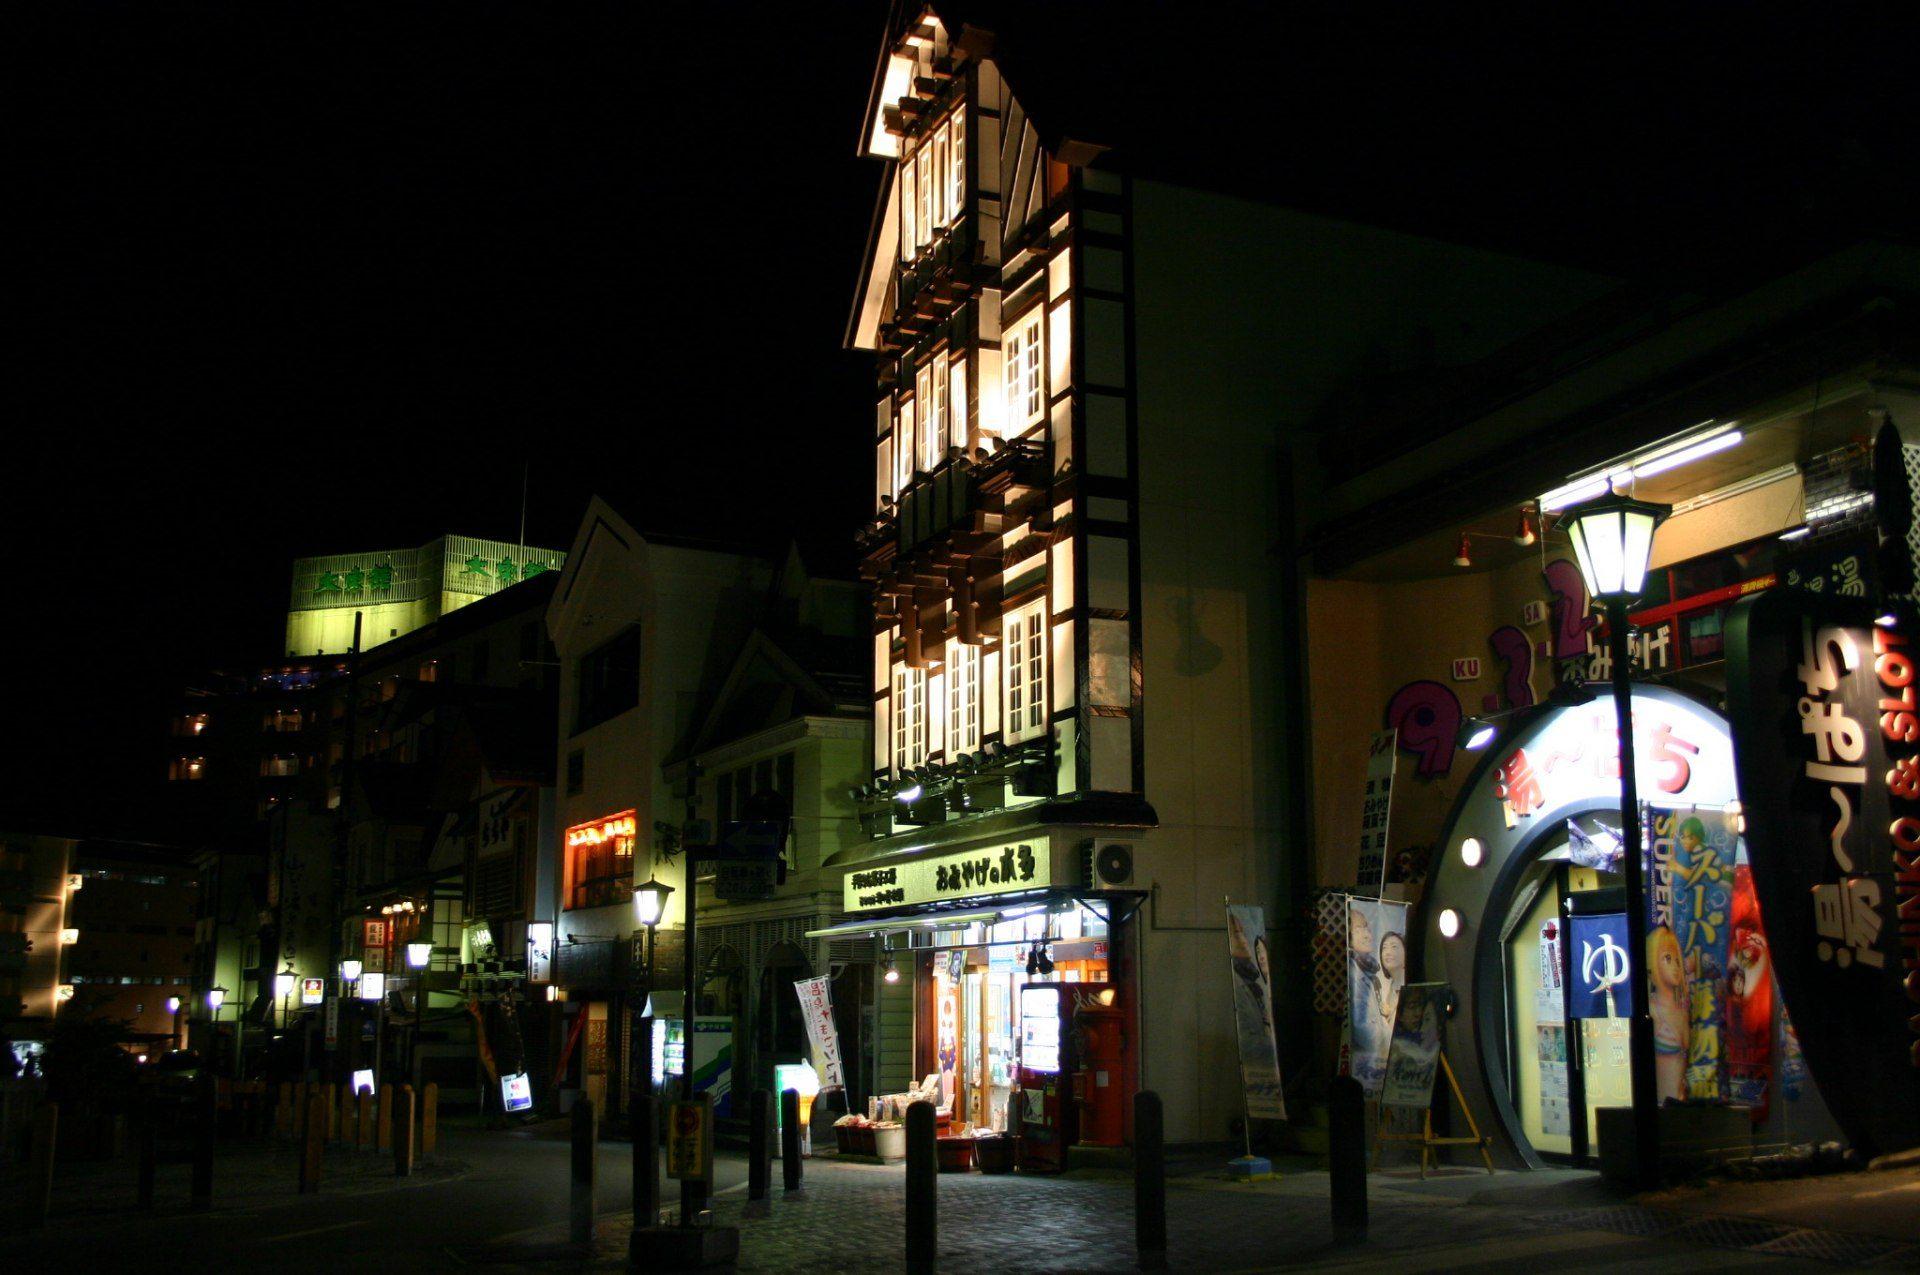 草津湯田街道 夜晚